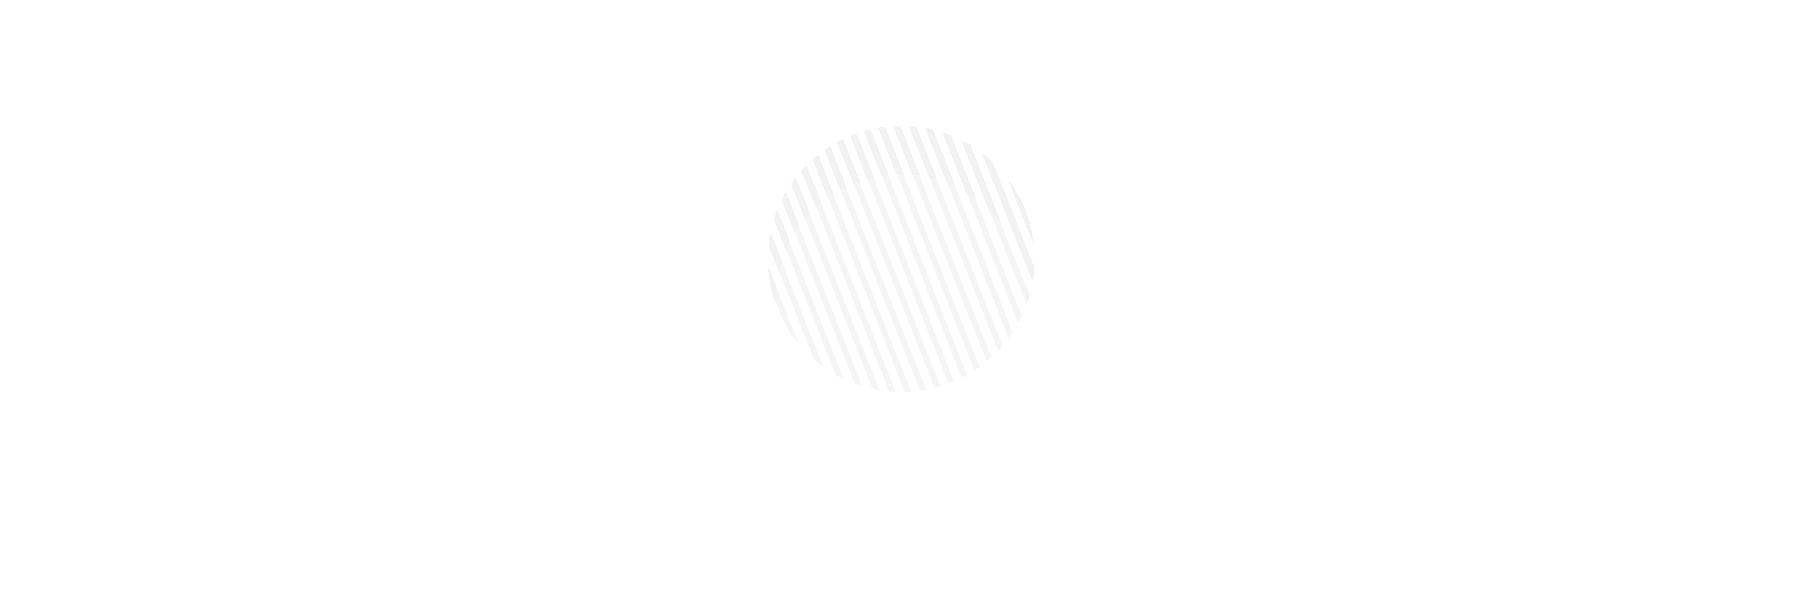 3rd-question-logo-light-blue